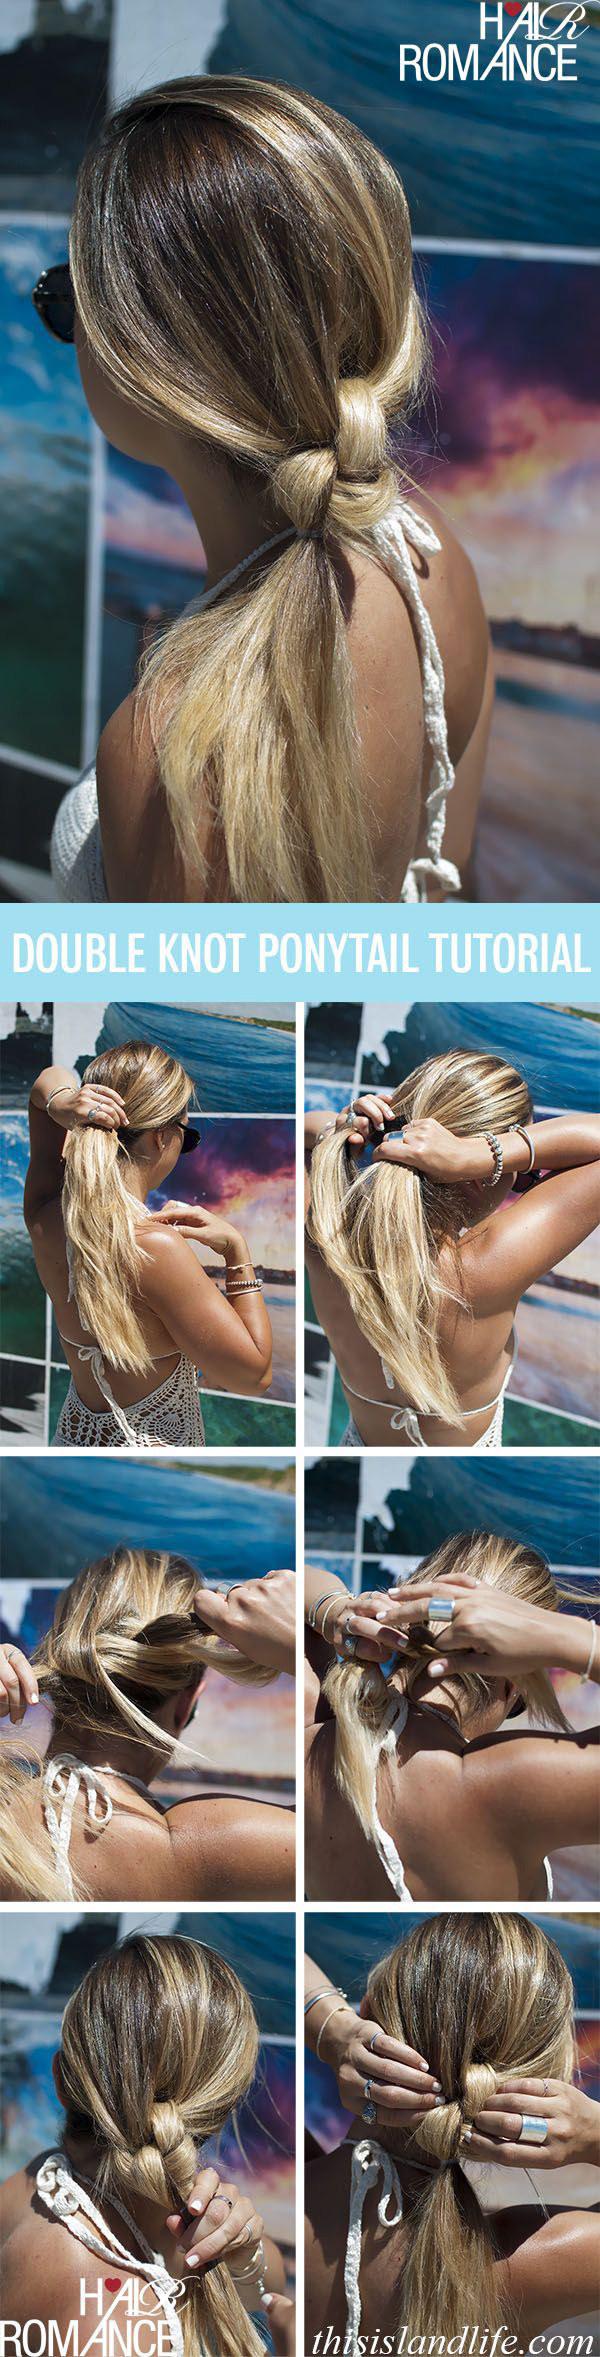 code di cavallo perfette perfect-ponytails29